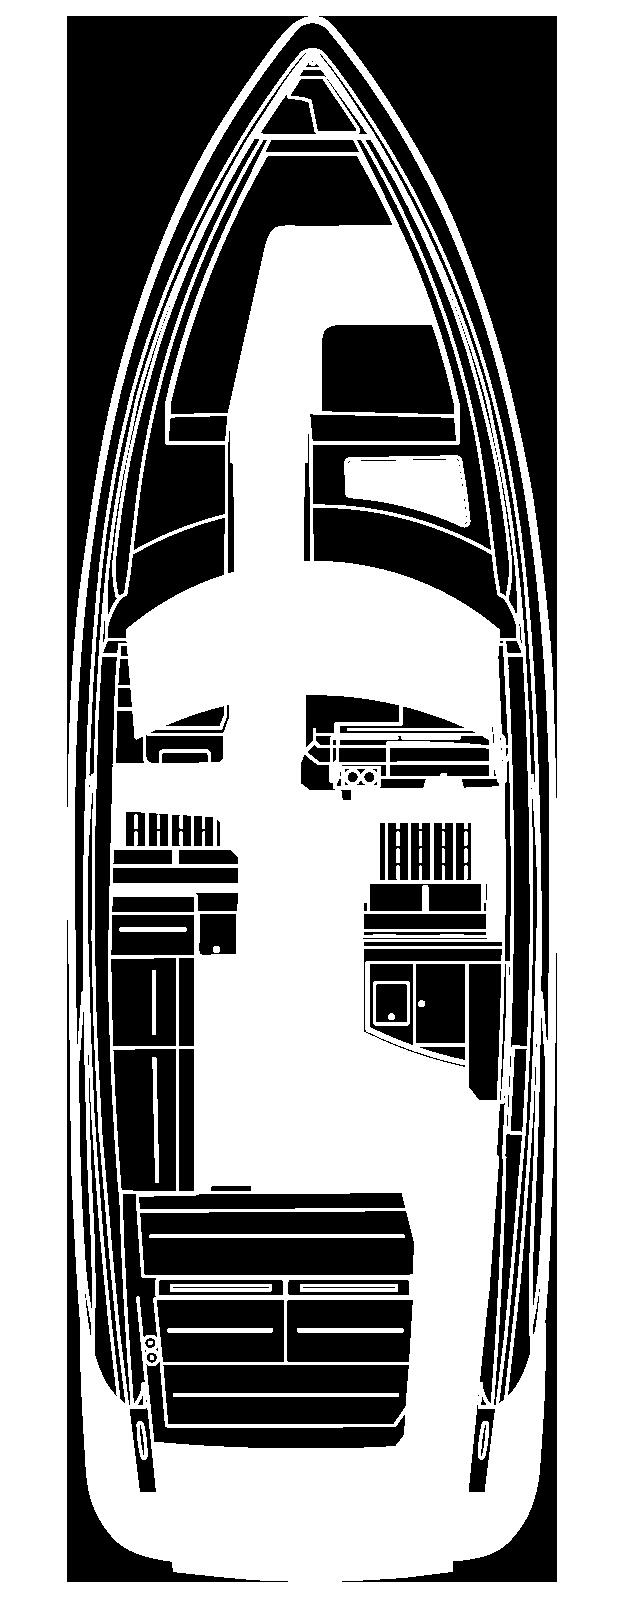 A36BR_CobaltBoats_Floorplans